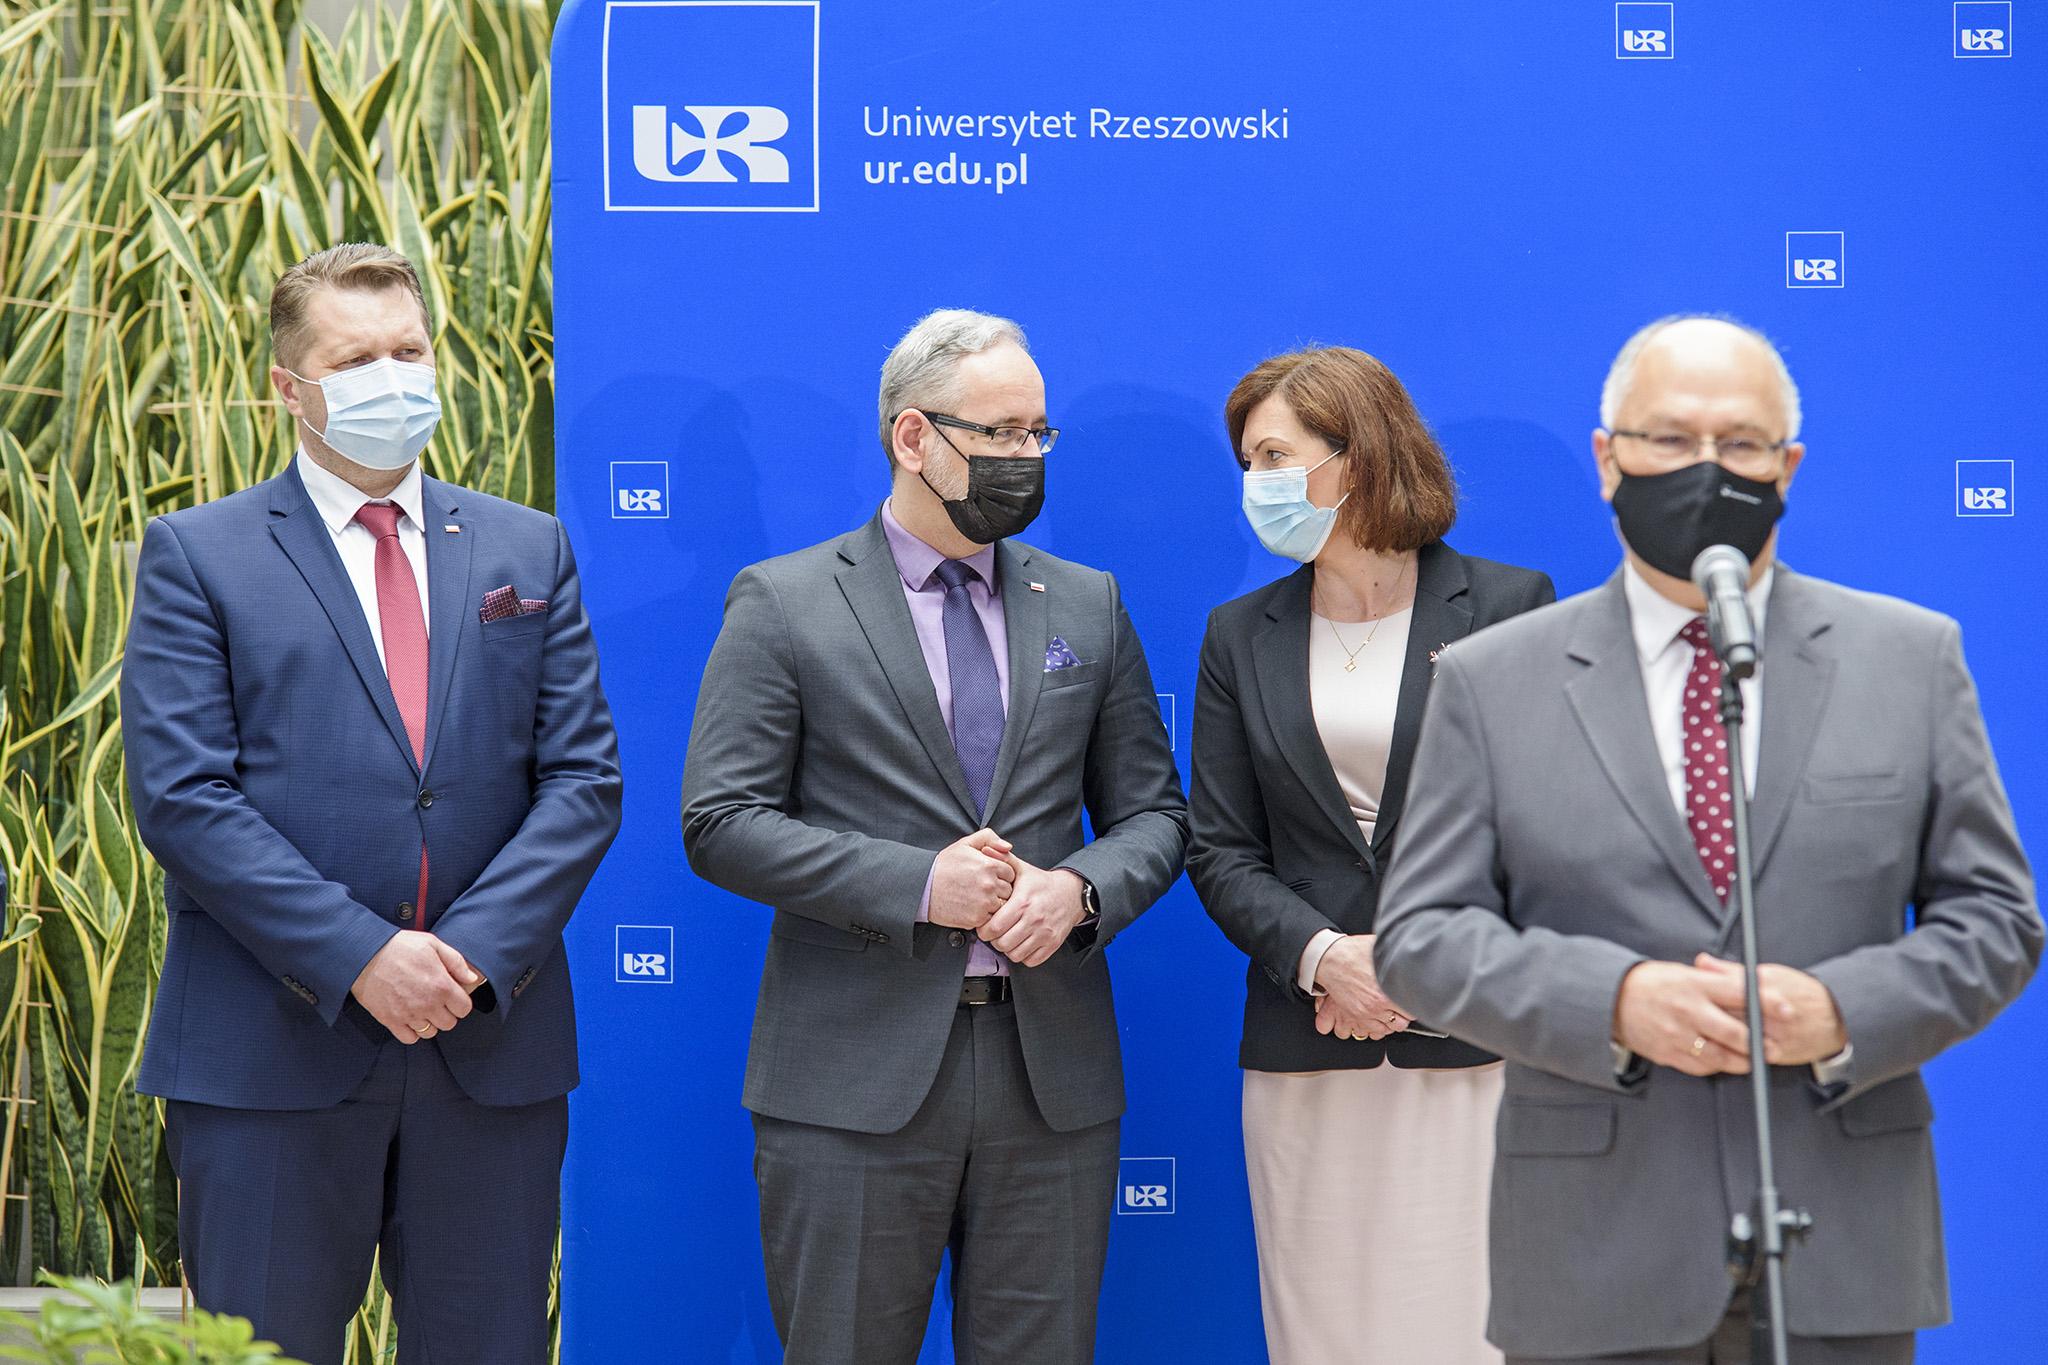 DSC_2011_RZESZOW_NEWS_SEBASTIAN_STANKIEWICZ